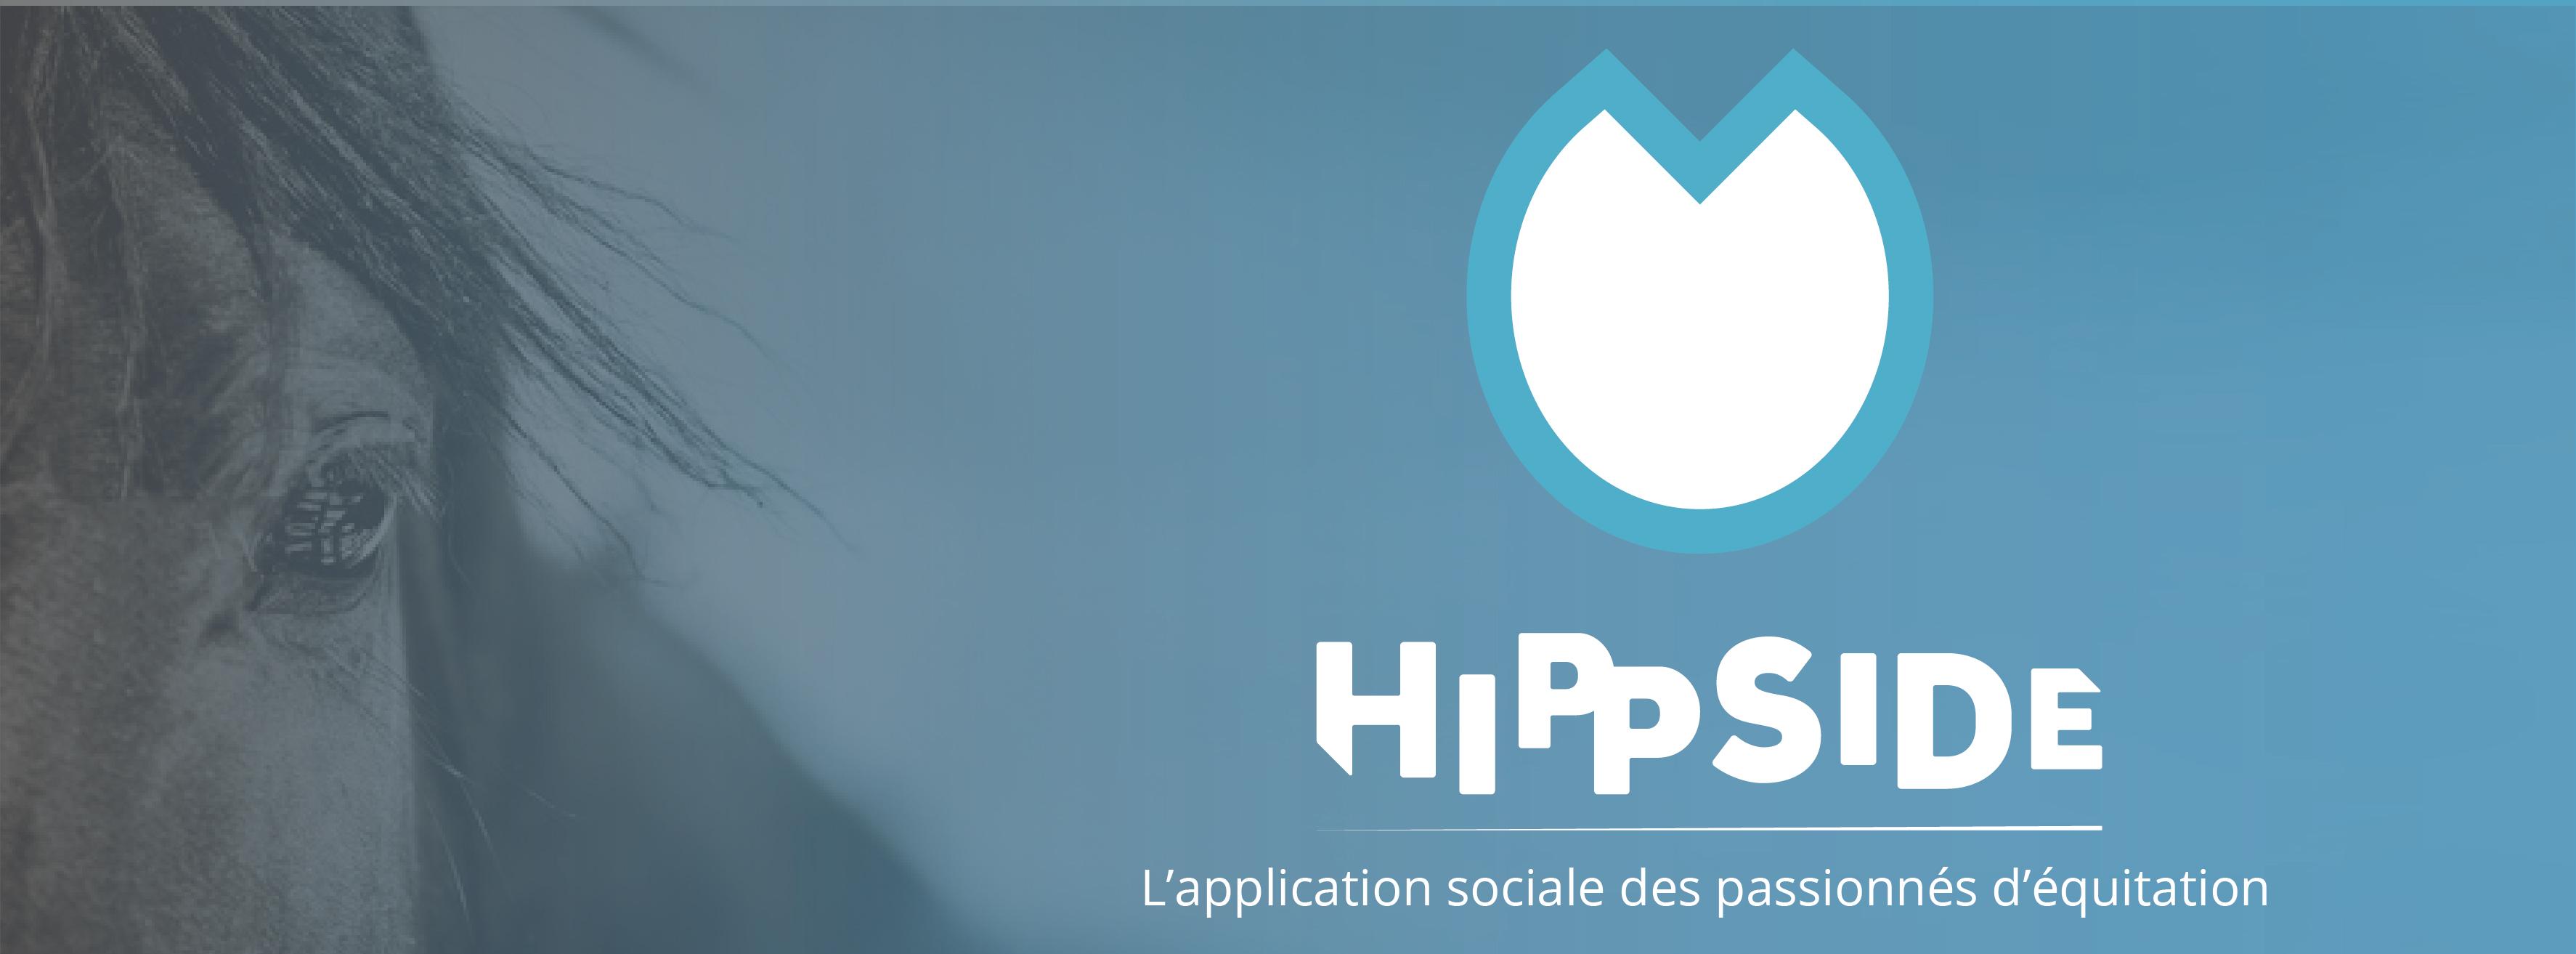 Hippside - réseau social des passionnés d'équitation